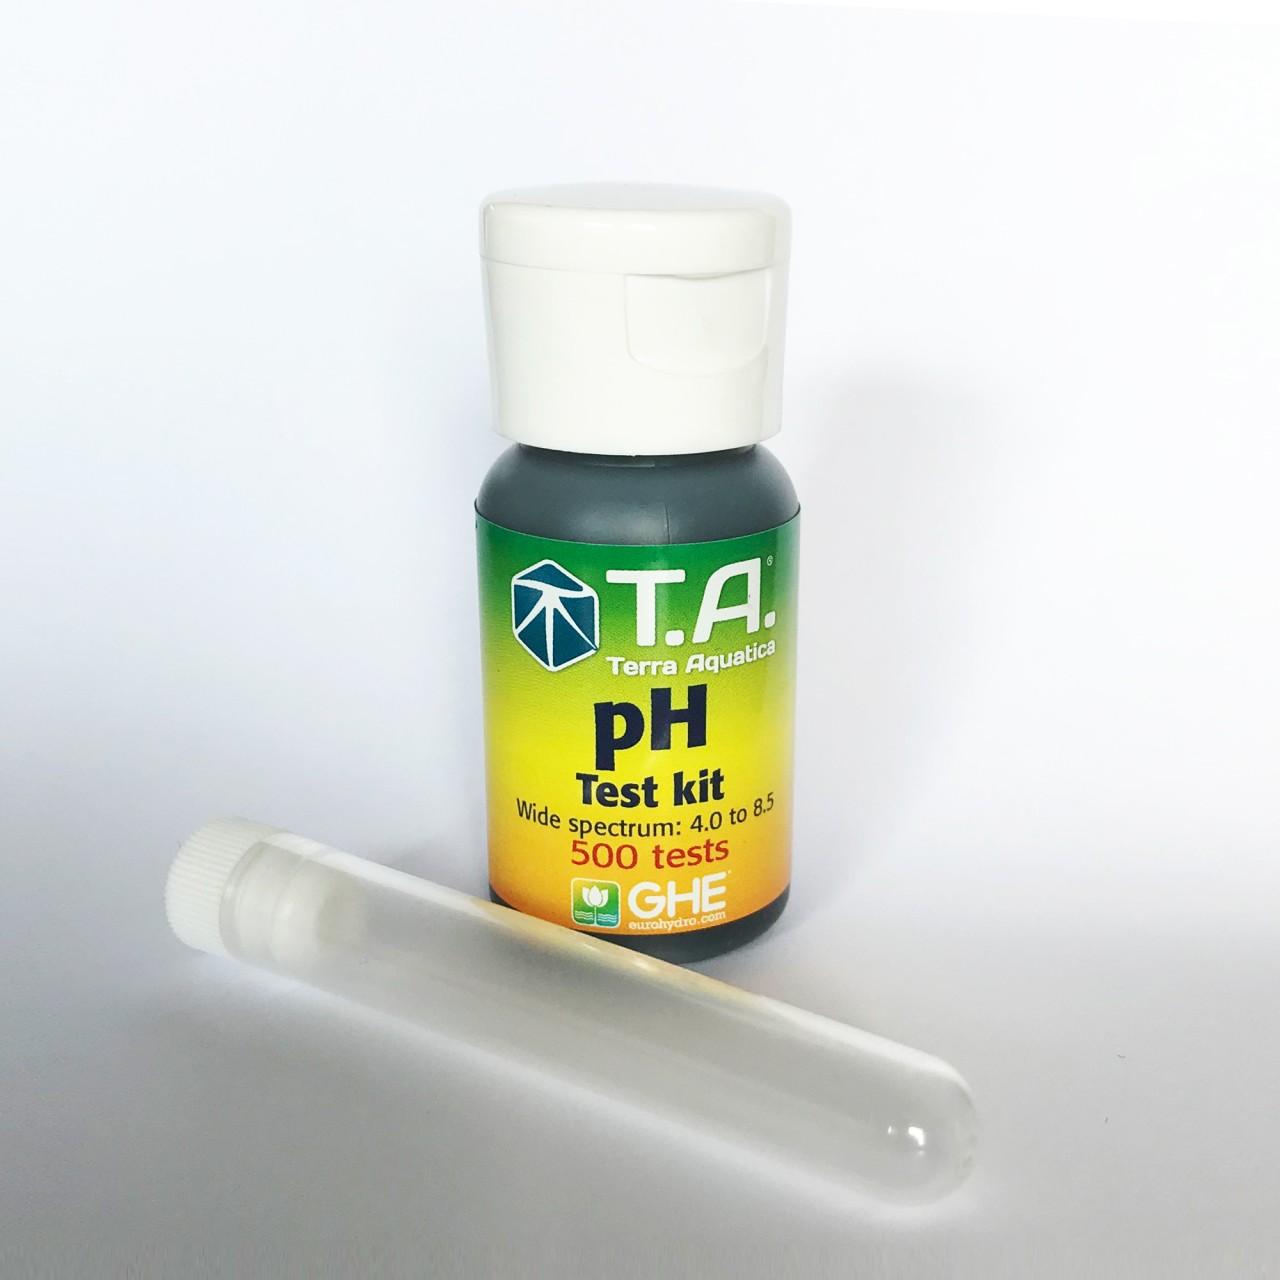 GHE pH Test kit pH 4,0 - 8,5